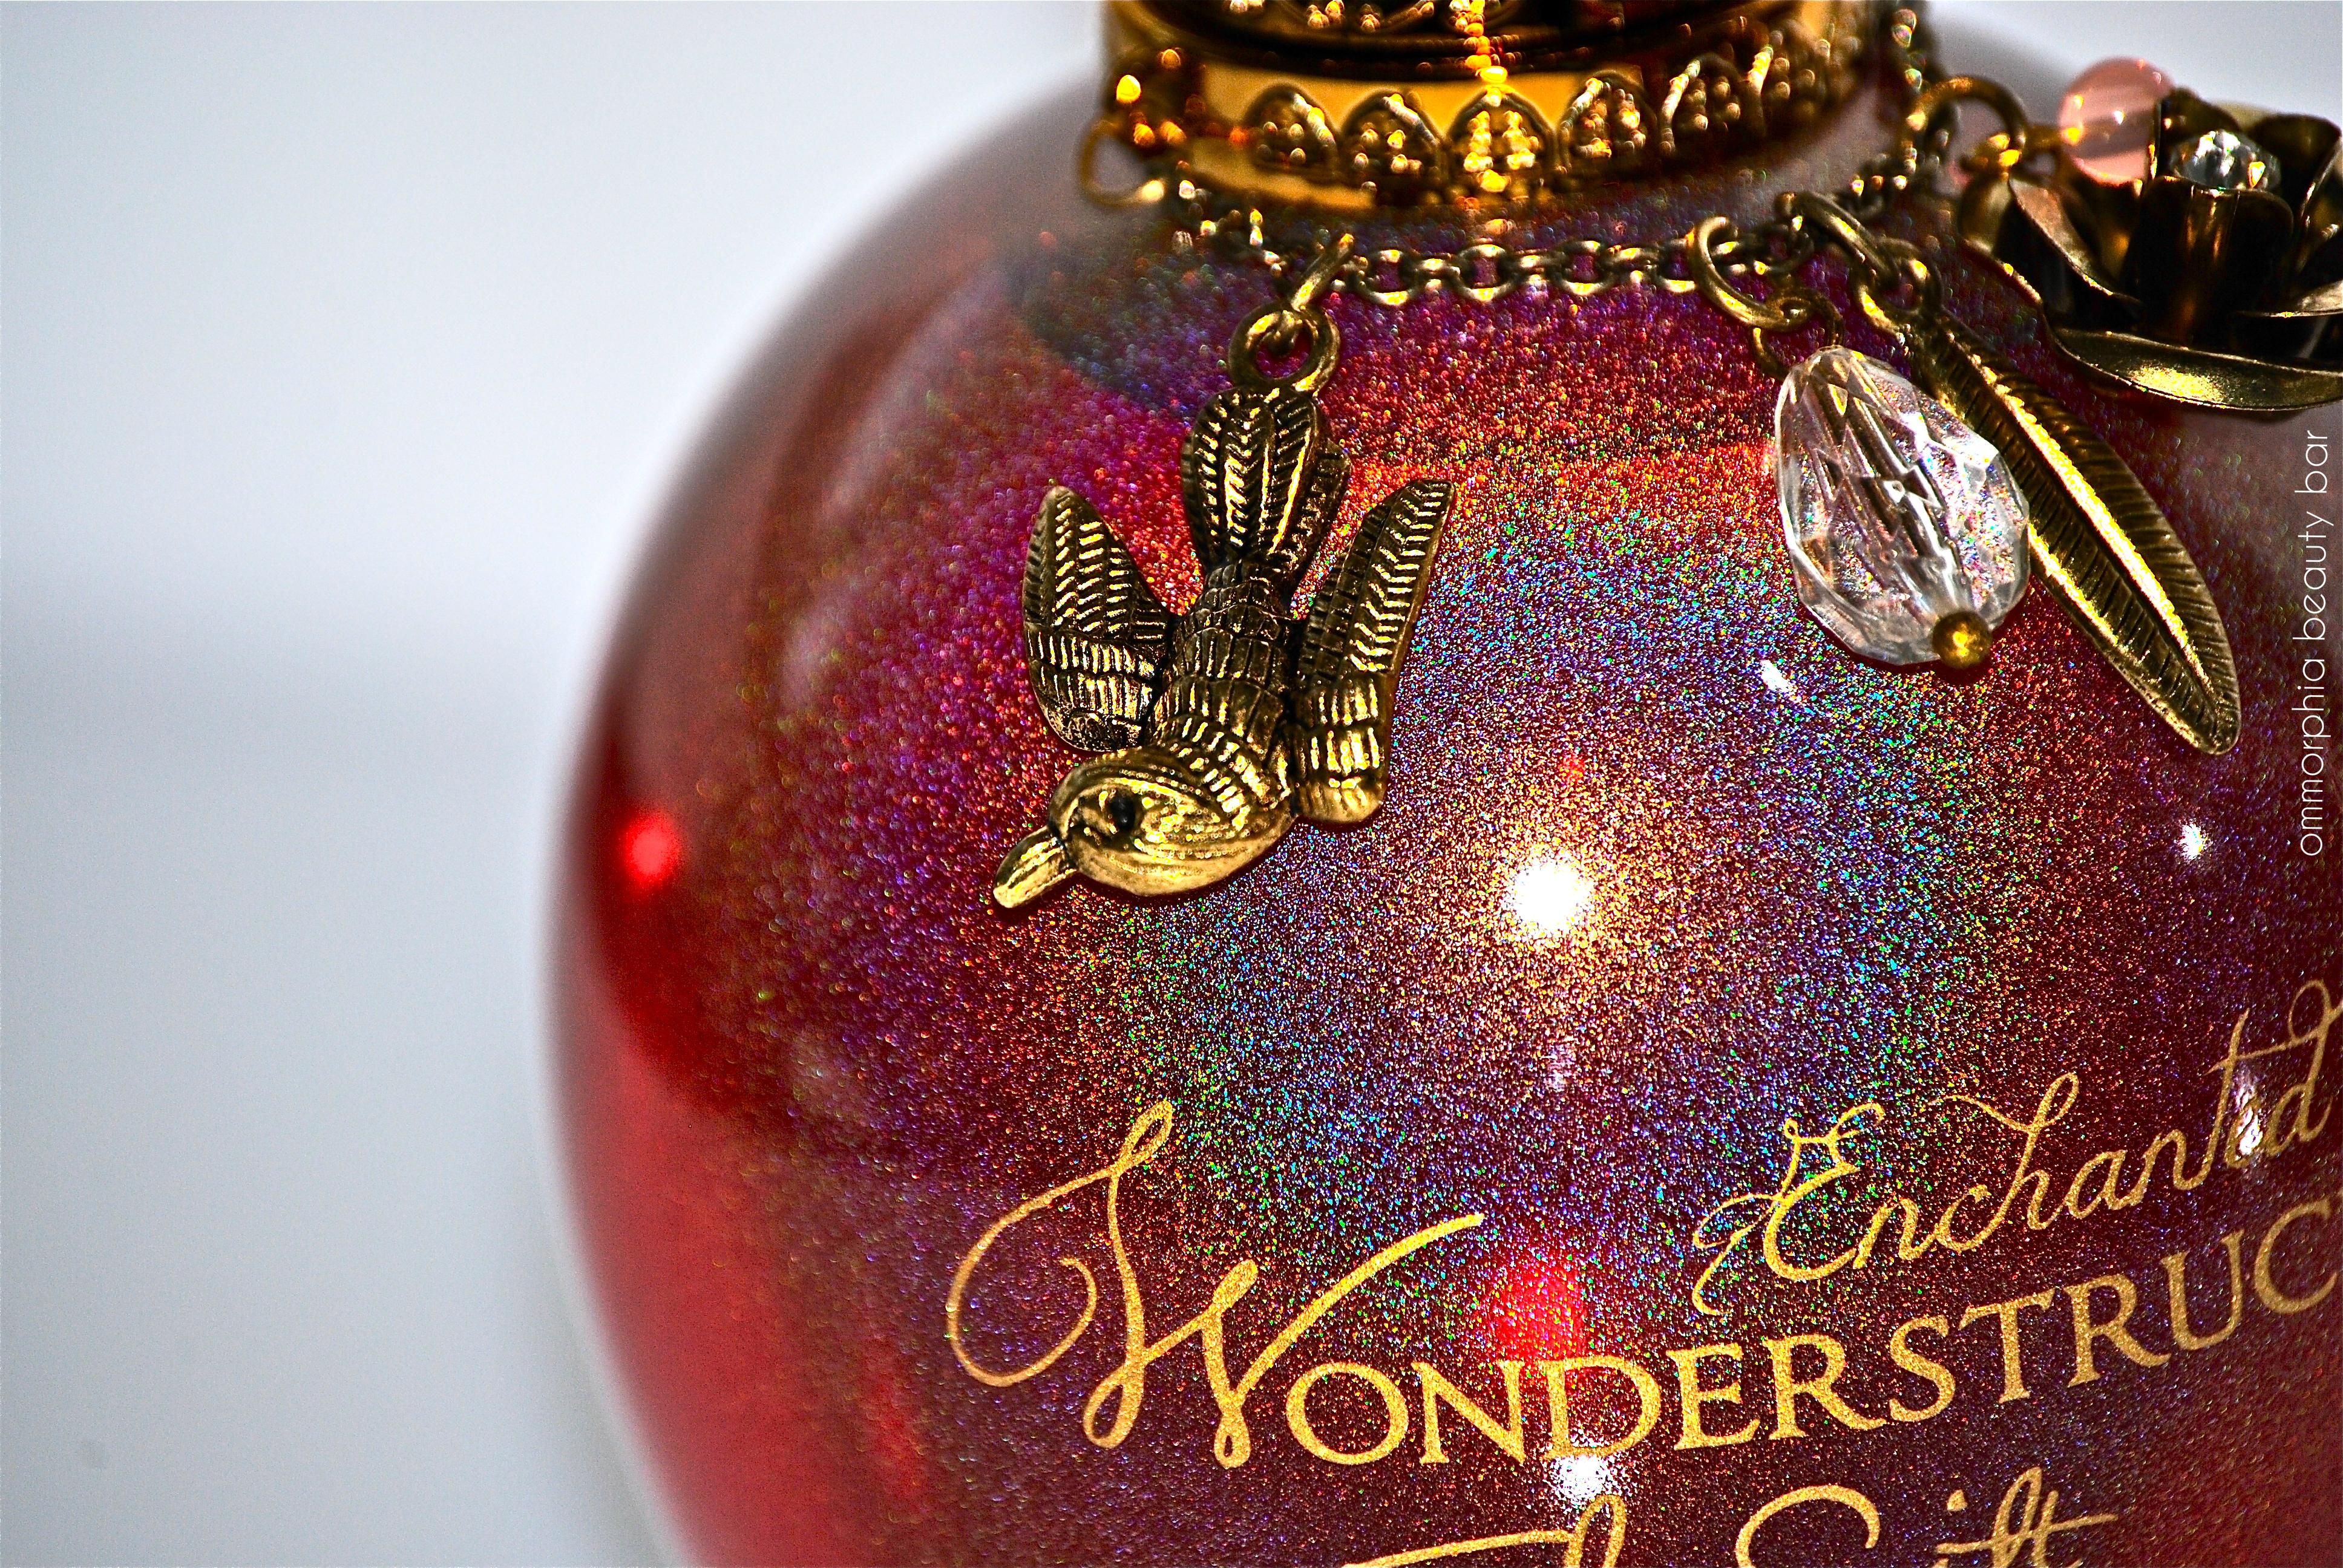 Taylor Swift Wonderstruck Download Taylor Swift Wonderstruck Eau